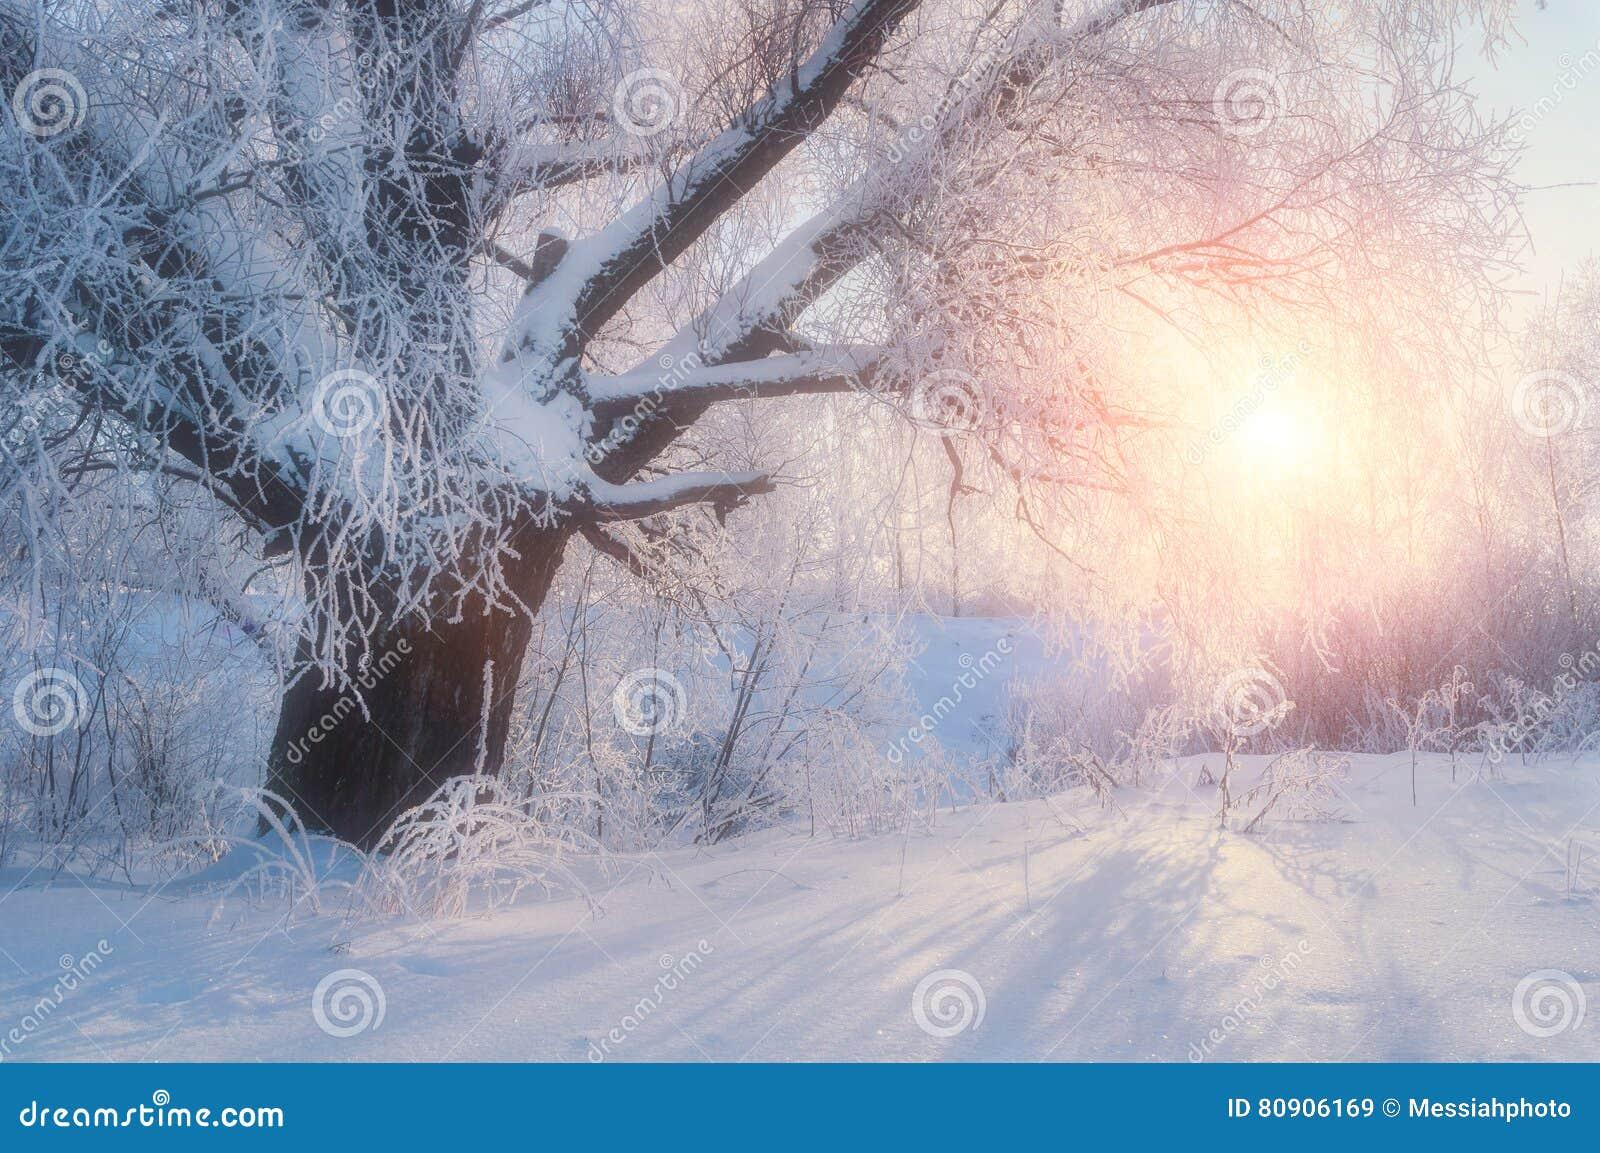 Дерево ландшафт-зимы зимы в сцене страны чудес ландшафта зимы леса восхода солнца